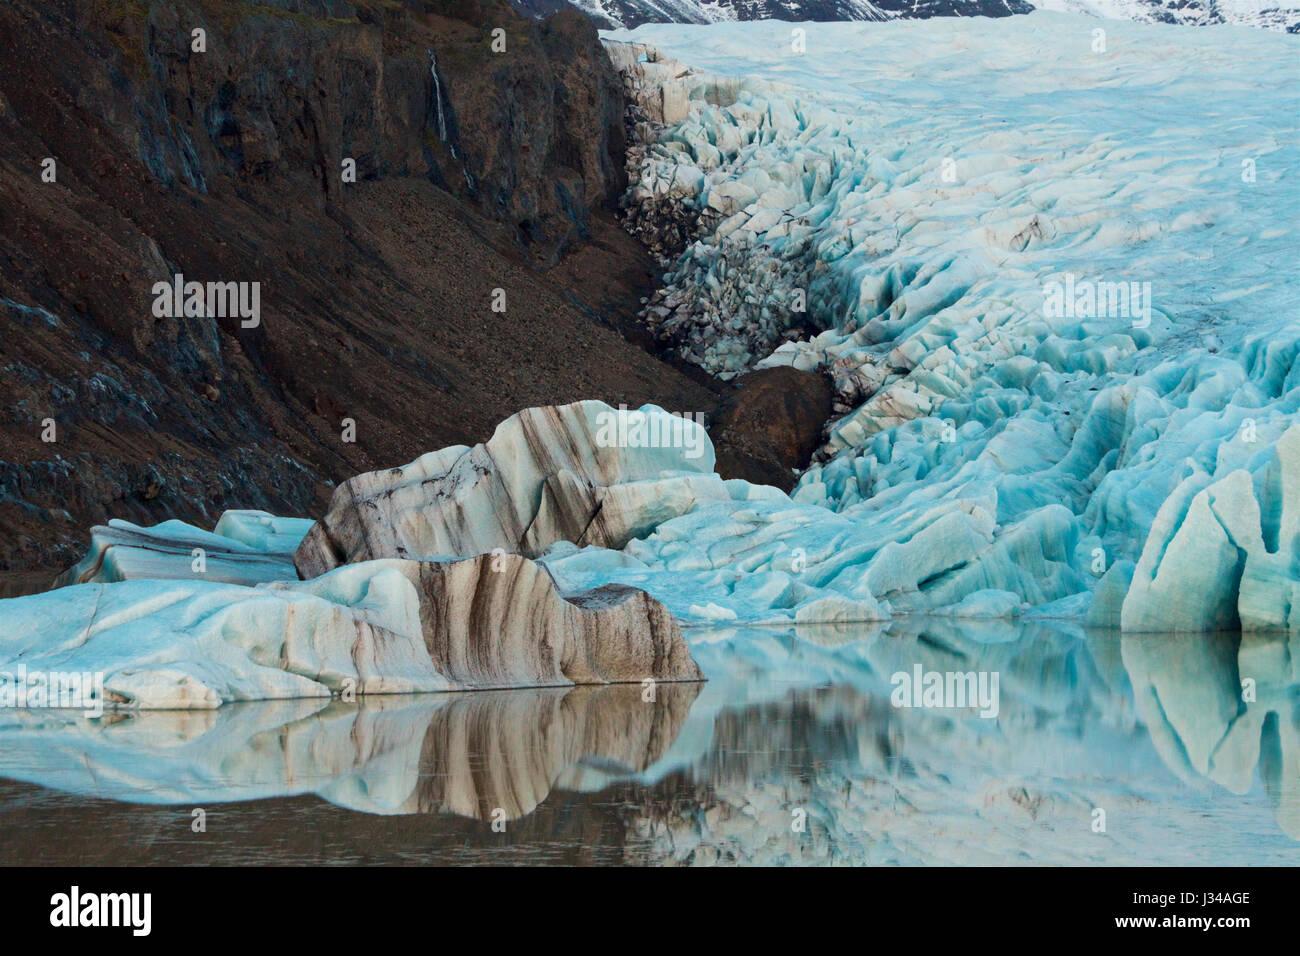 Il robusto forme del ghiacciaio, con il suo caratteristico colore blu cobalto. ghiacciaio Vatnajokull, Islanda. Immagini Stock